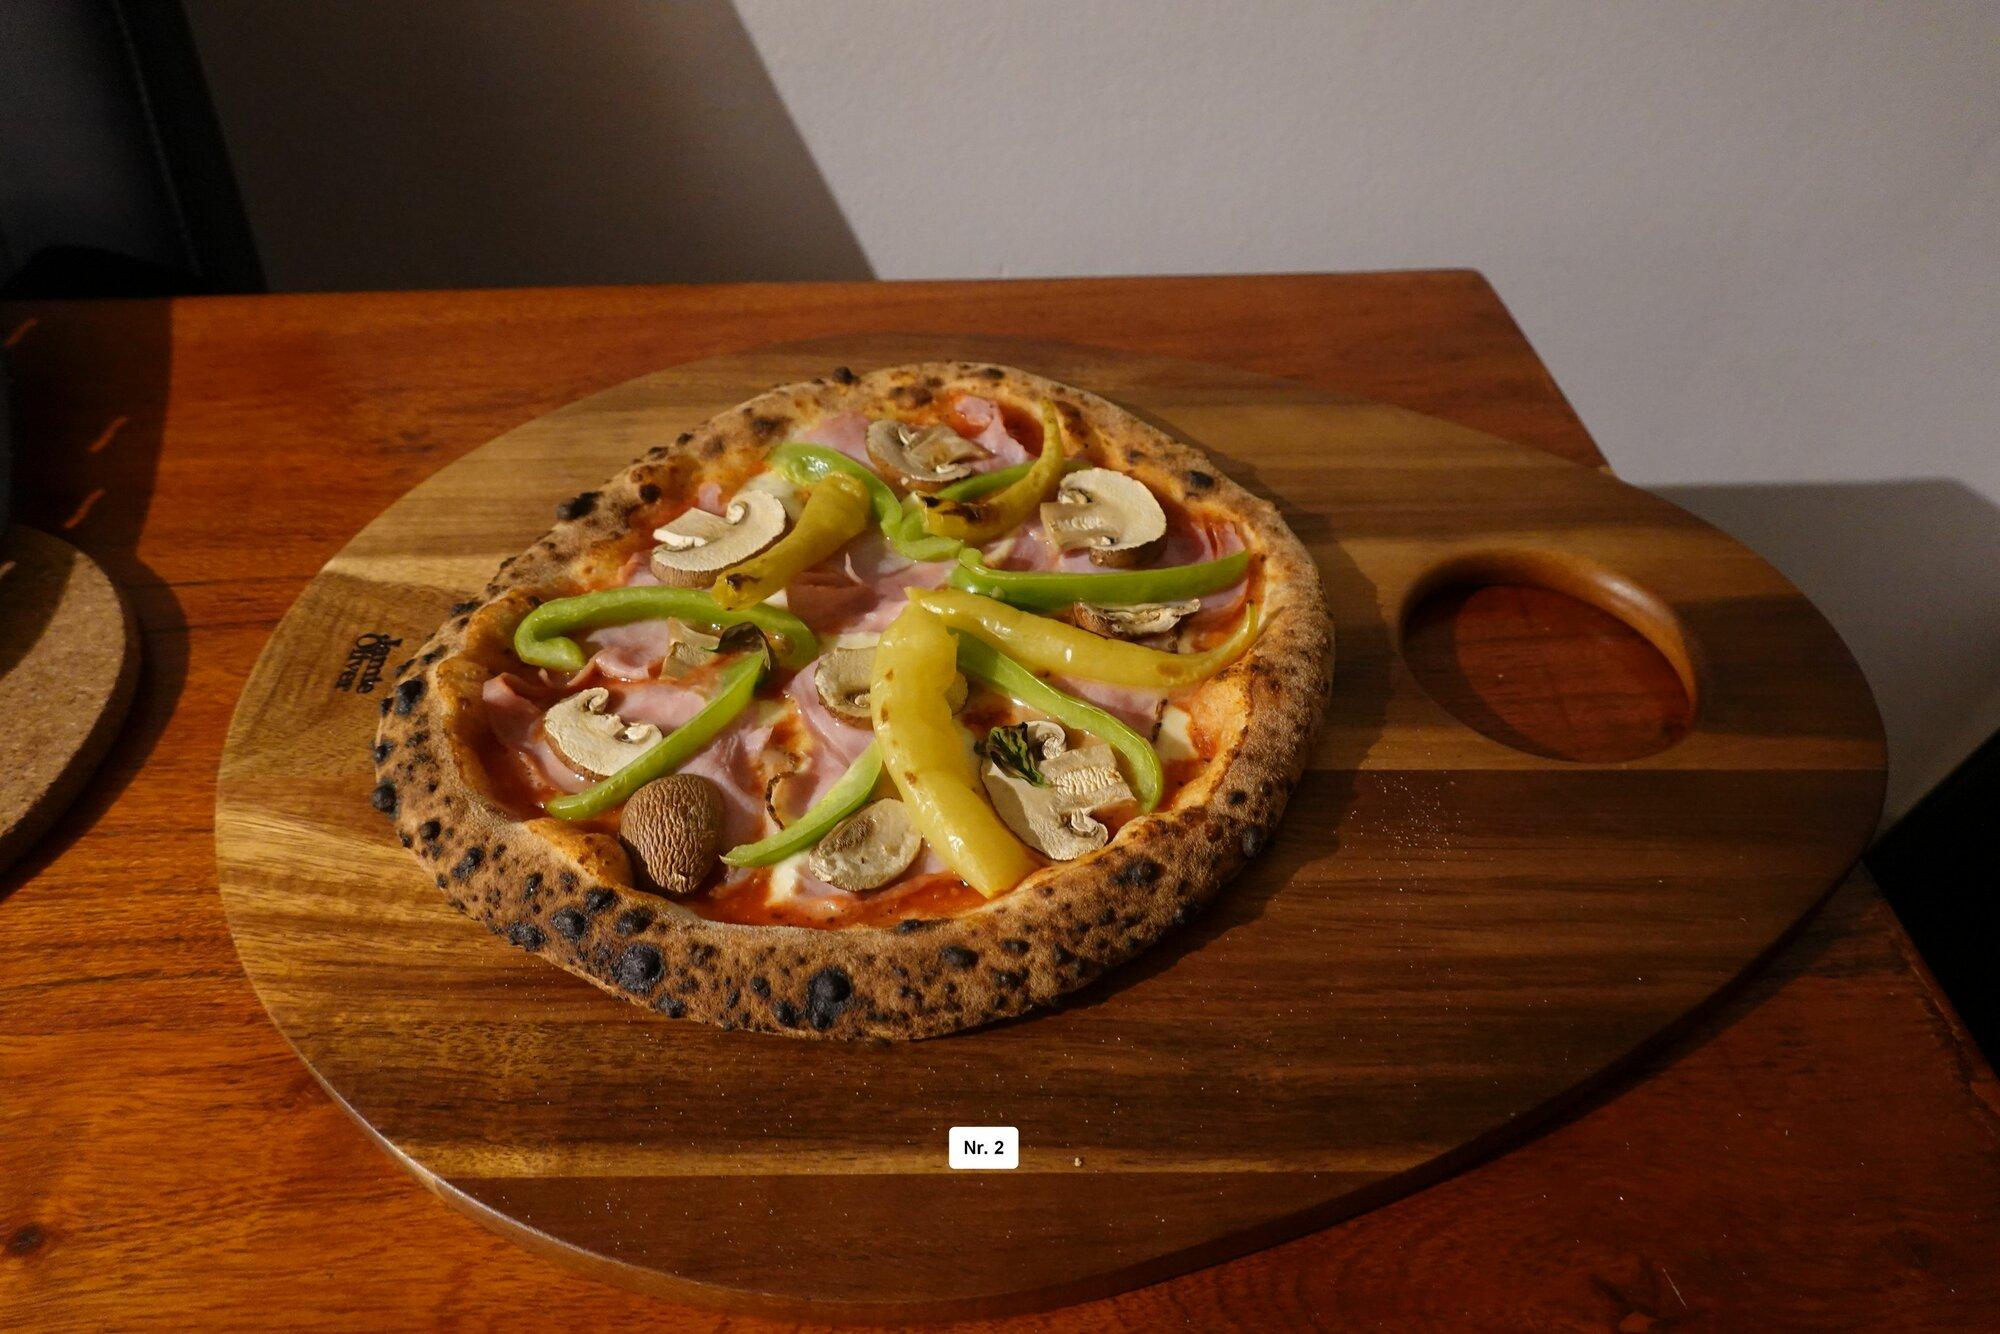 2020-08-30 Pizzateigtest Frischhefe & Trockenhefe_032.jpg